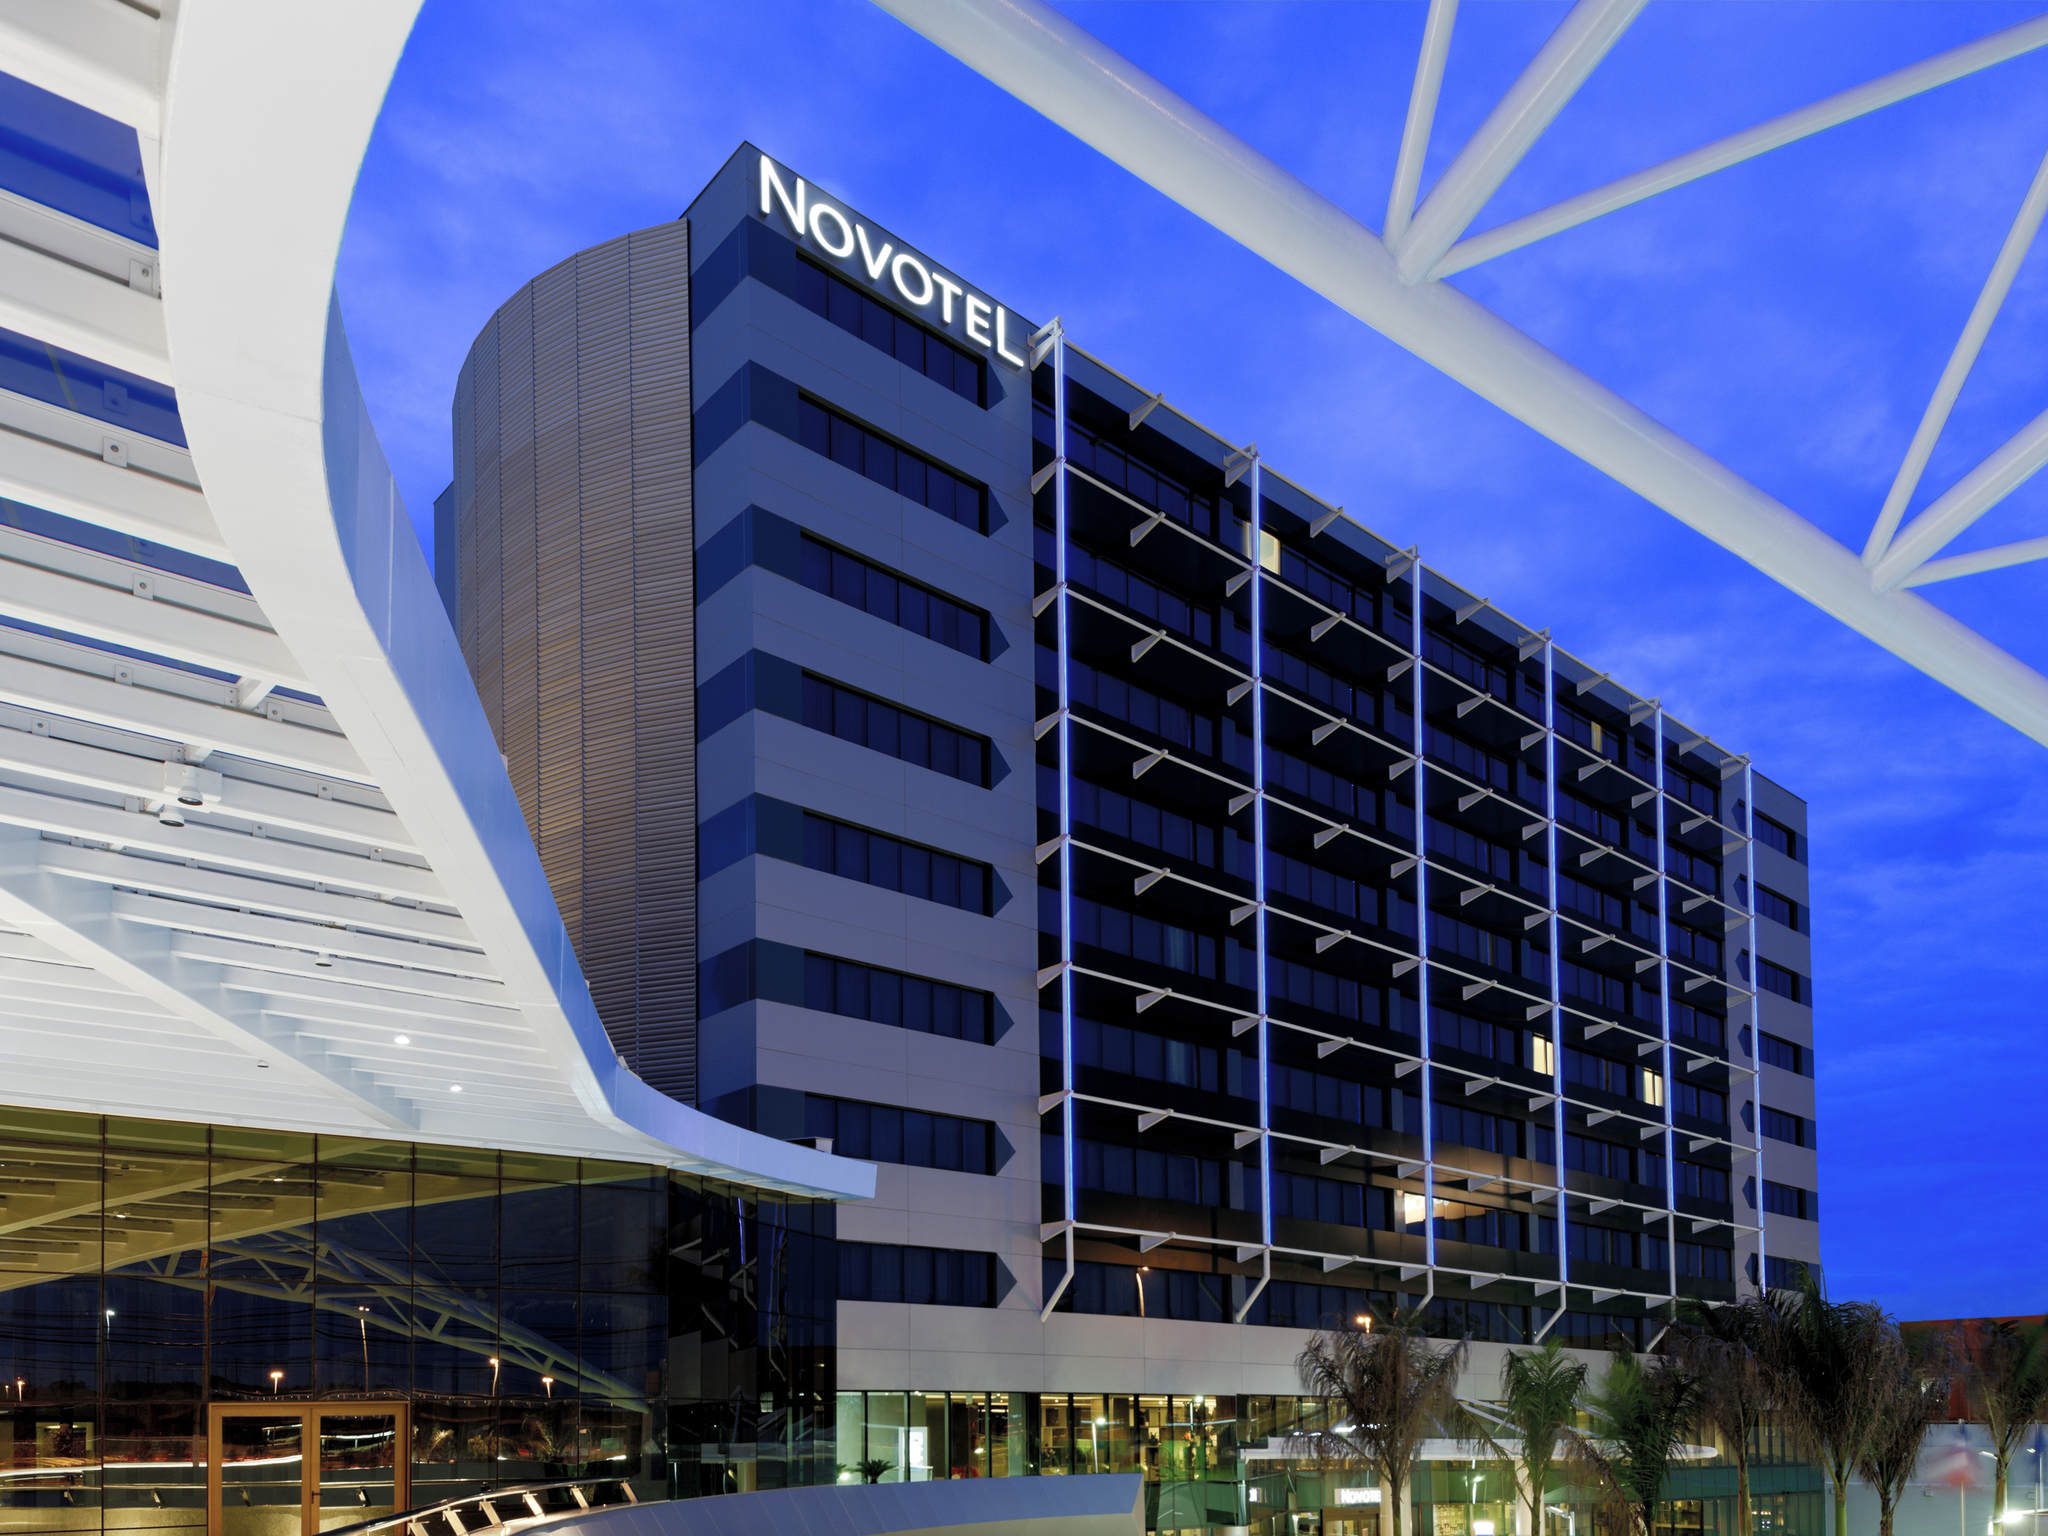 酒店 – 萨尔瓦多汉加诺富特酒店(2013 年 12 月开业)